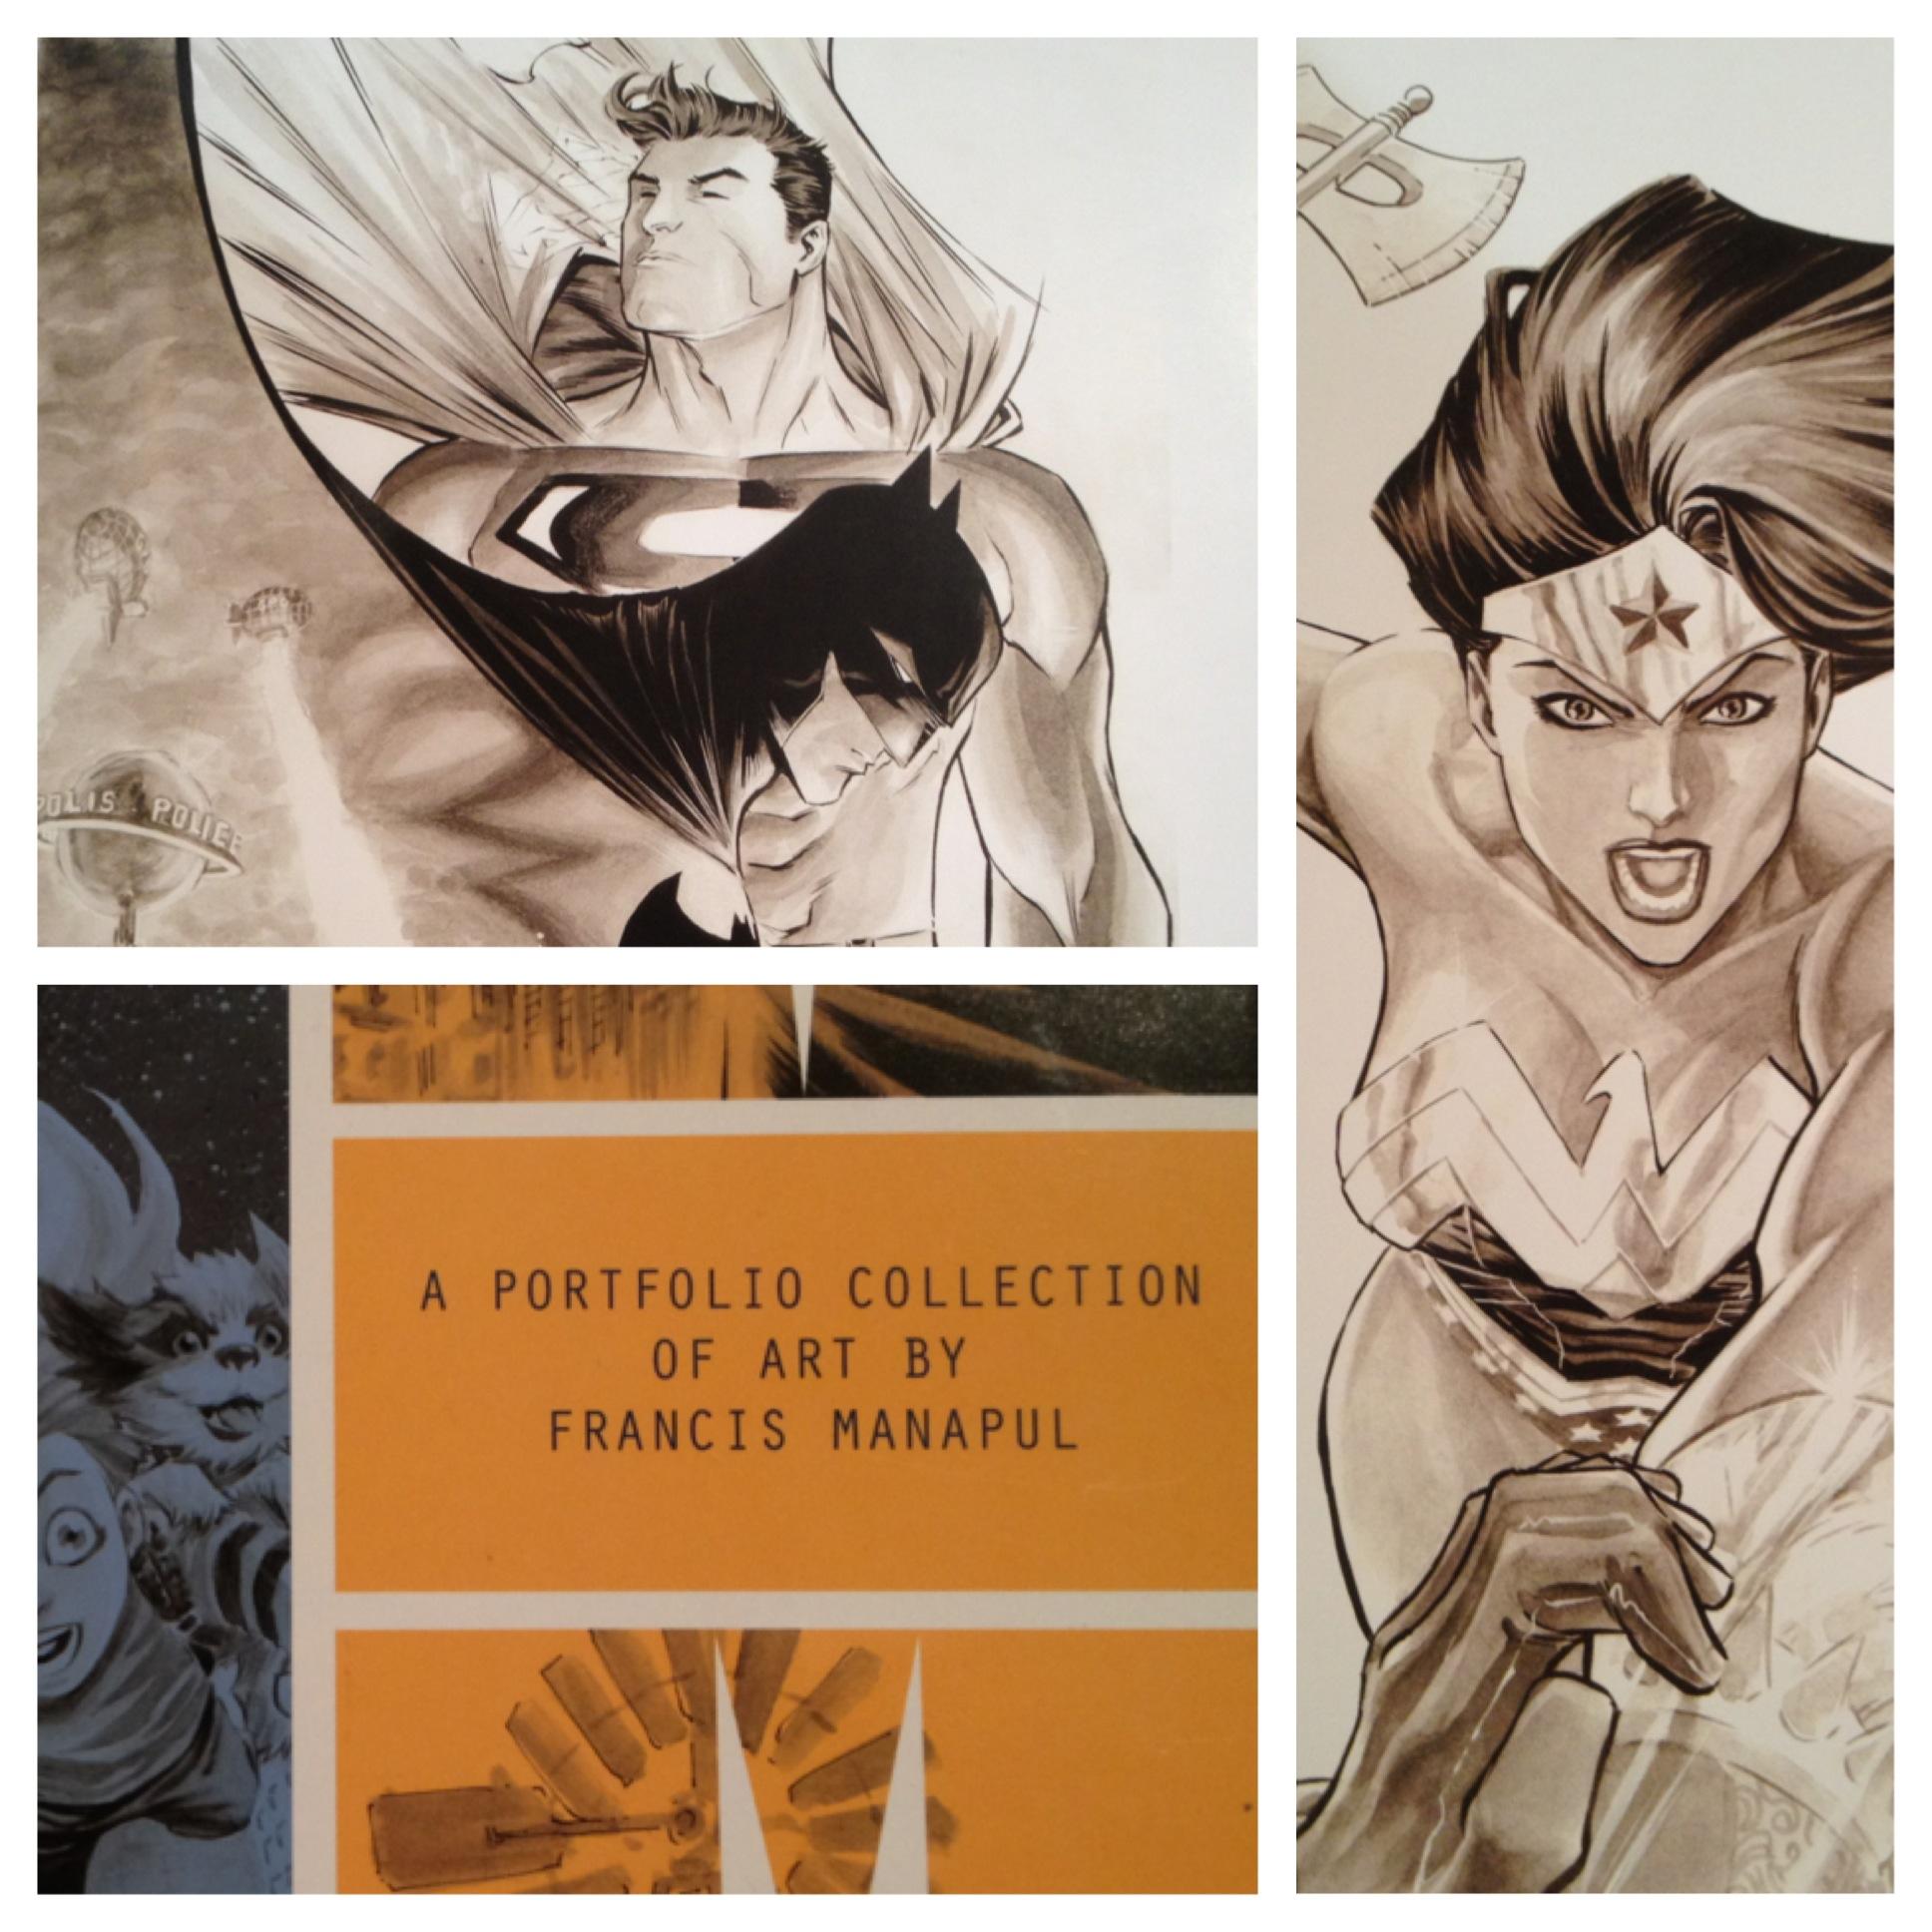 Manapul's Portfolio of Art